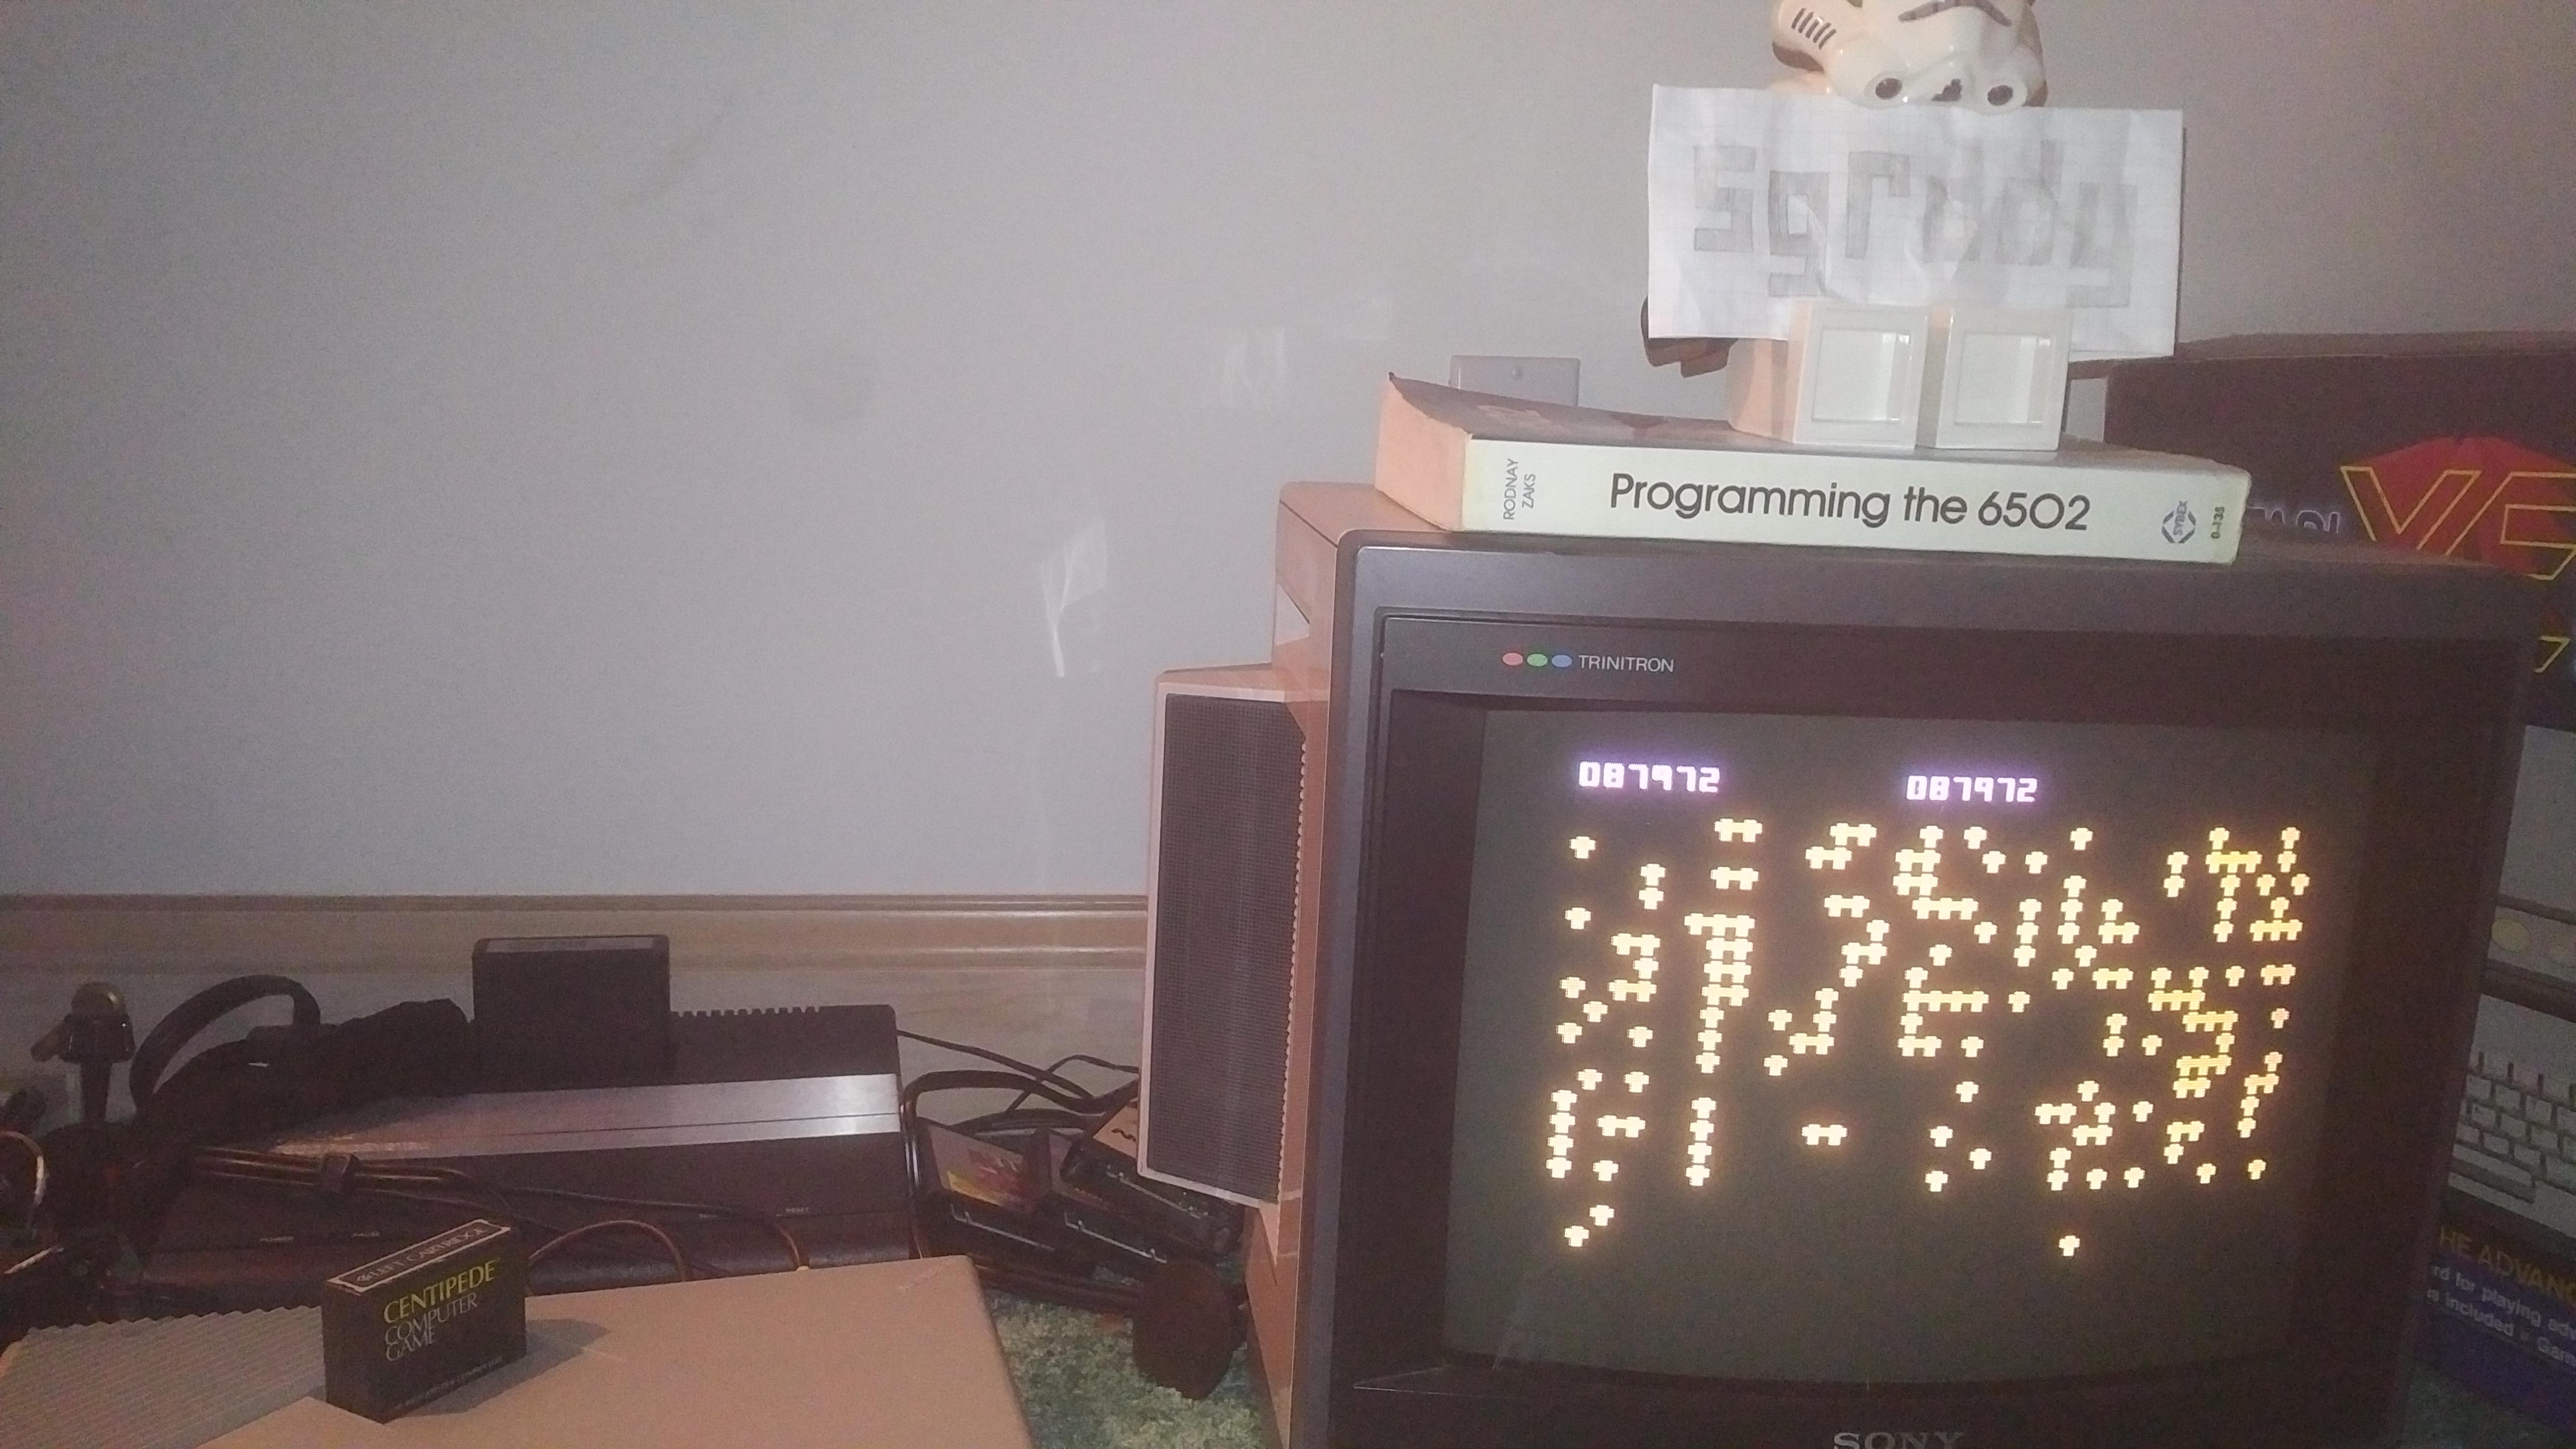 sgrddy: Centipede (Atari 400/800/XL/XE) 87,972 points on 2017-12-12 19:04:34